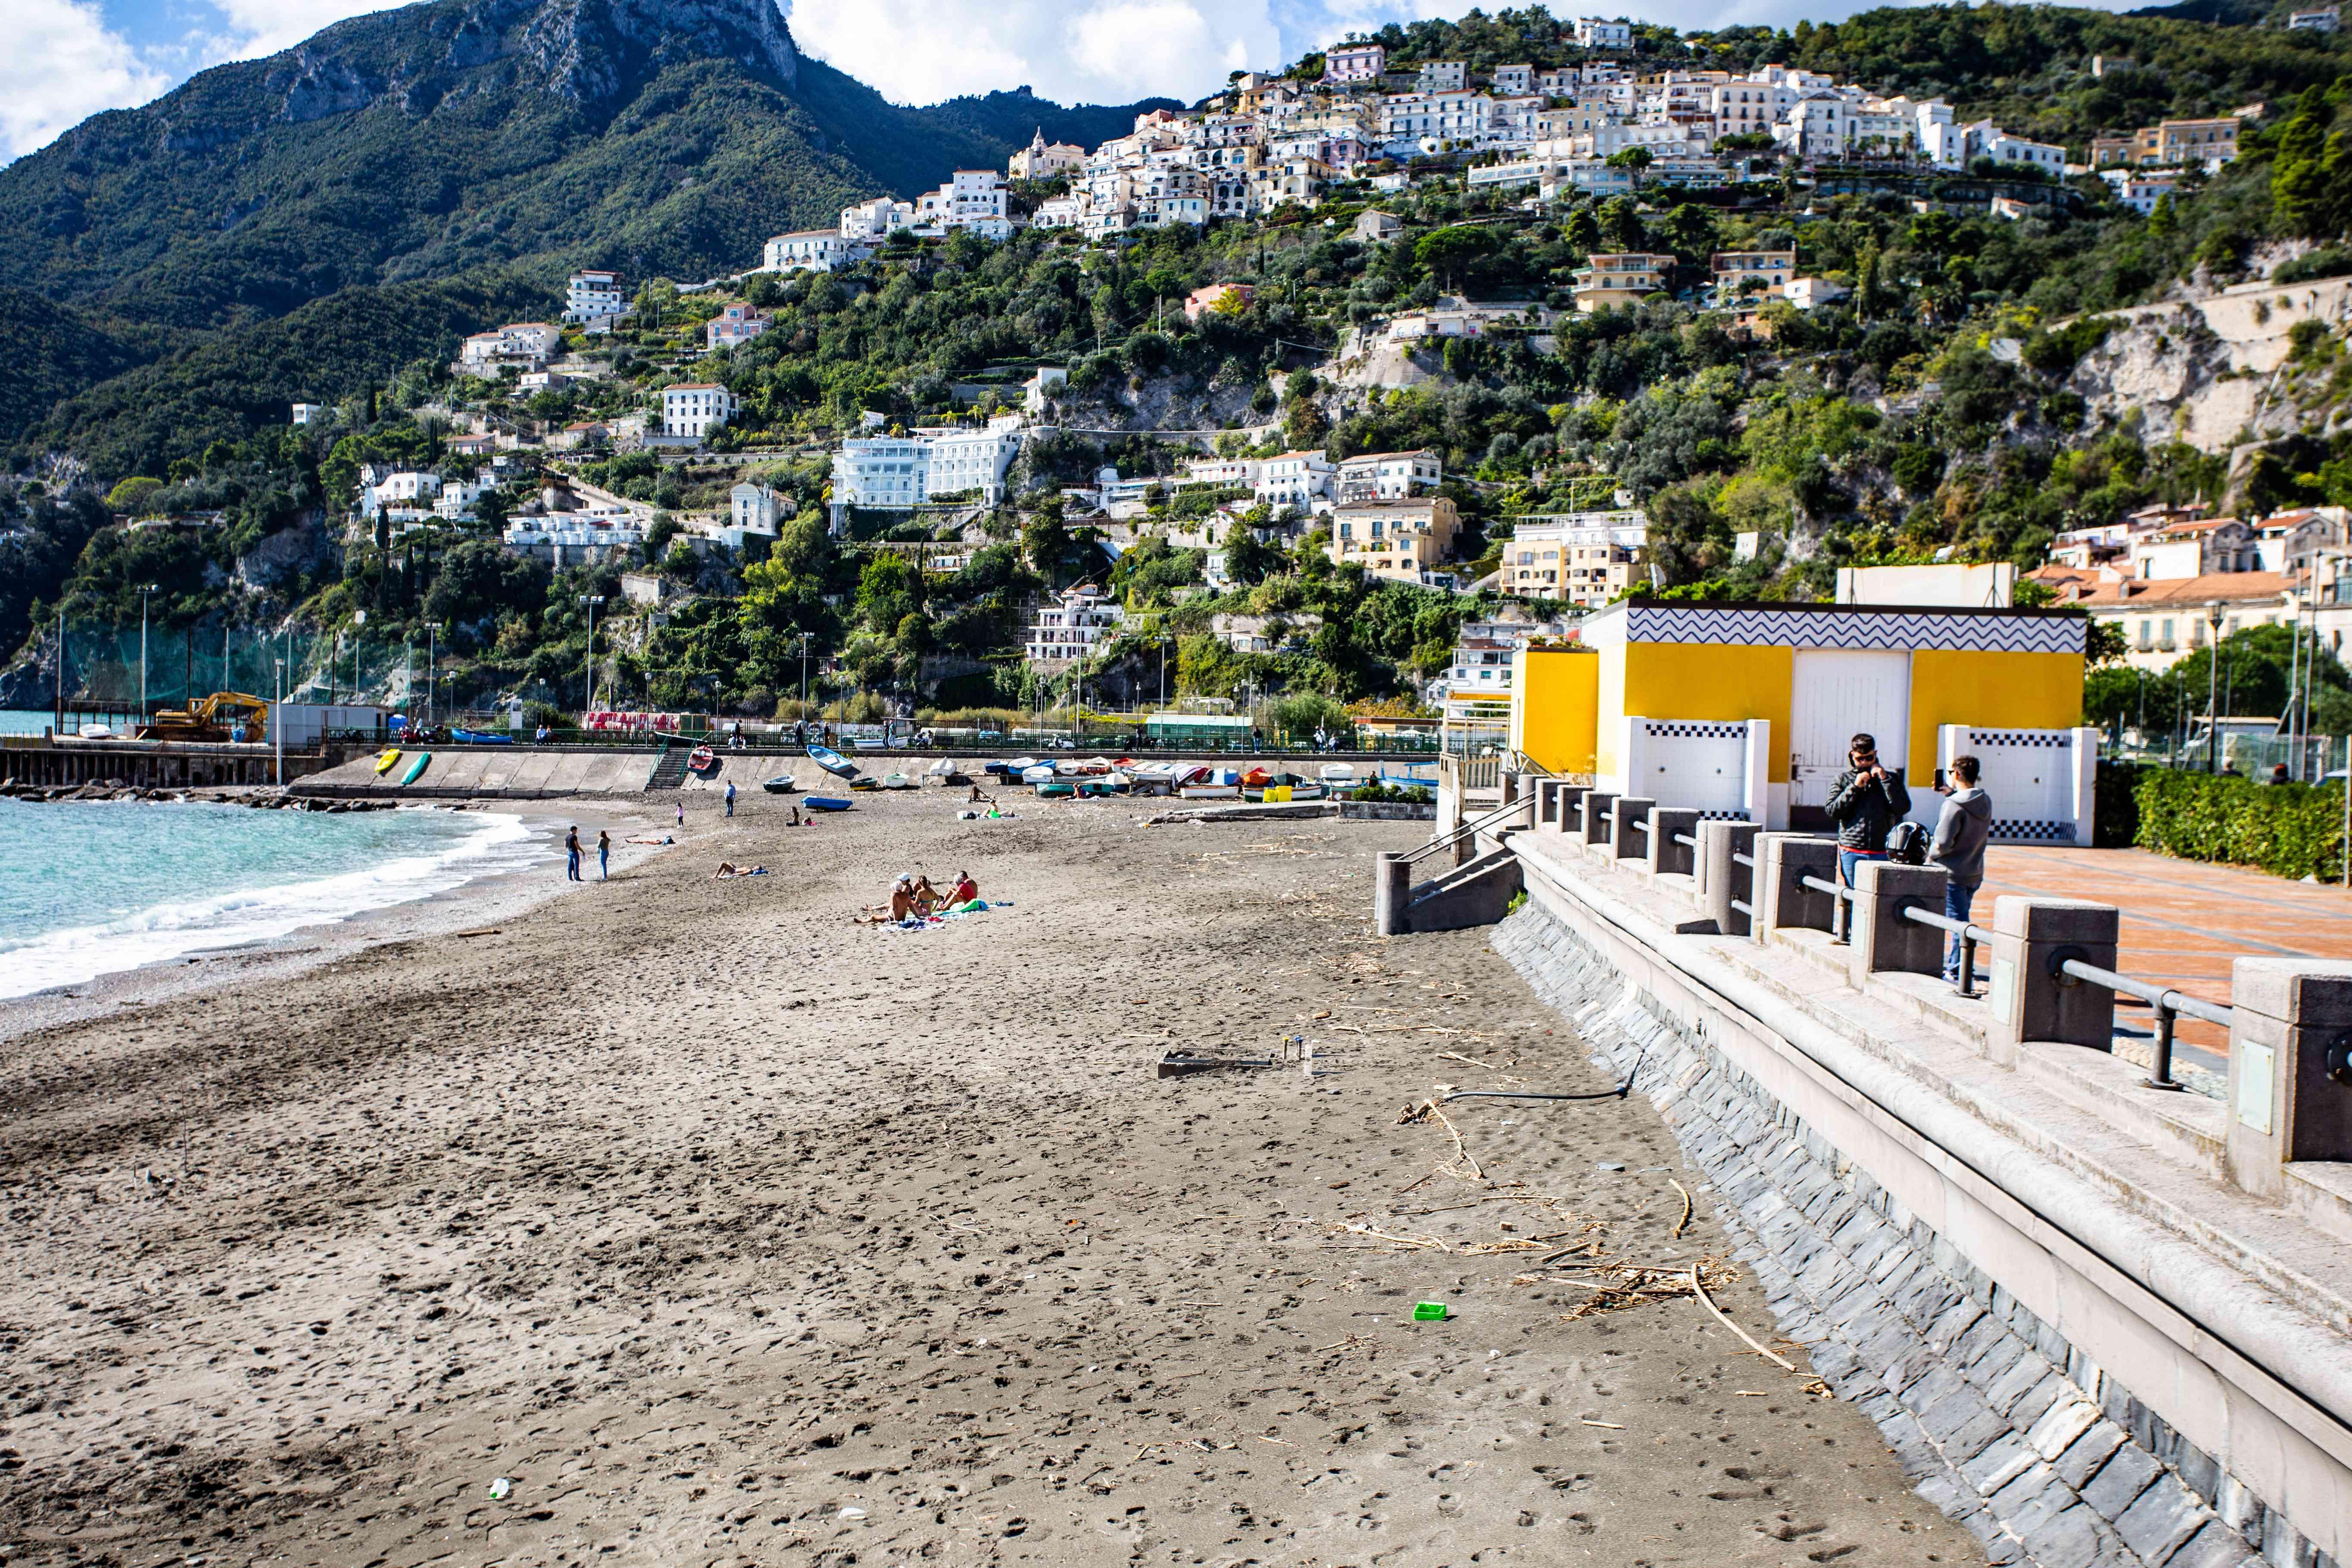 Beach in Vietri Sul Mare, Amalfi, Italy